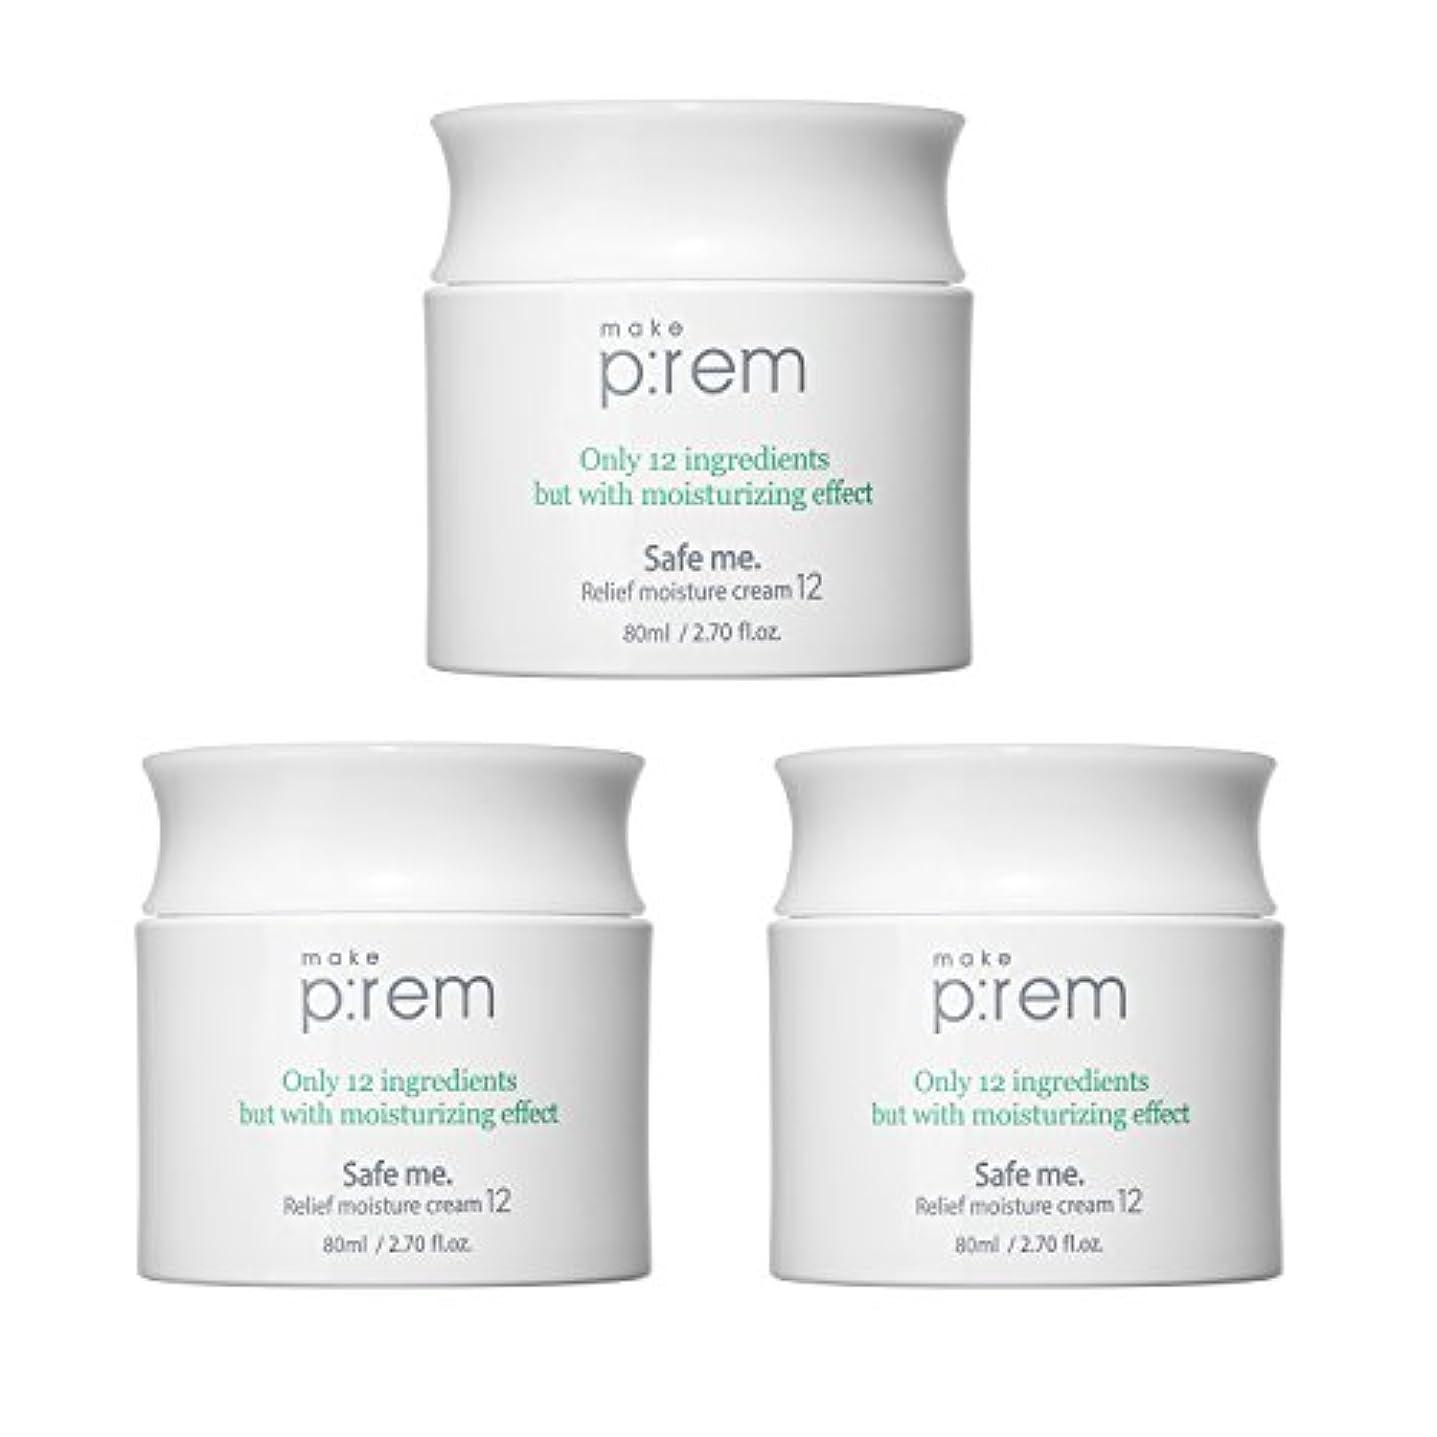 富ヒントシリンダー(3個セット) x [MAKE P:REM] メイクプレム セーフミ?リリーフモイスチャークリーム12 80ml / Safe me. Relief moisture Cream 12 80ml / / 韓国製 . 海外直送品